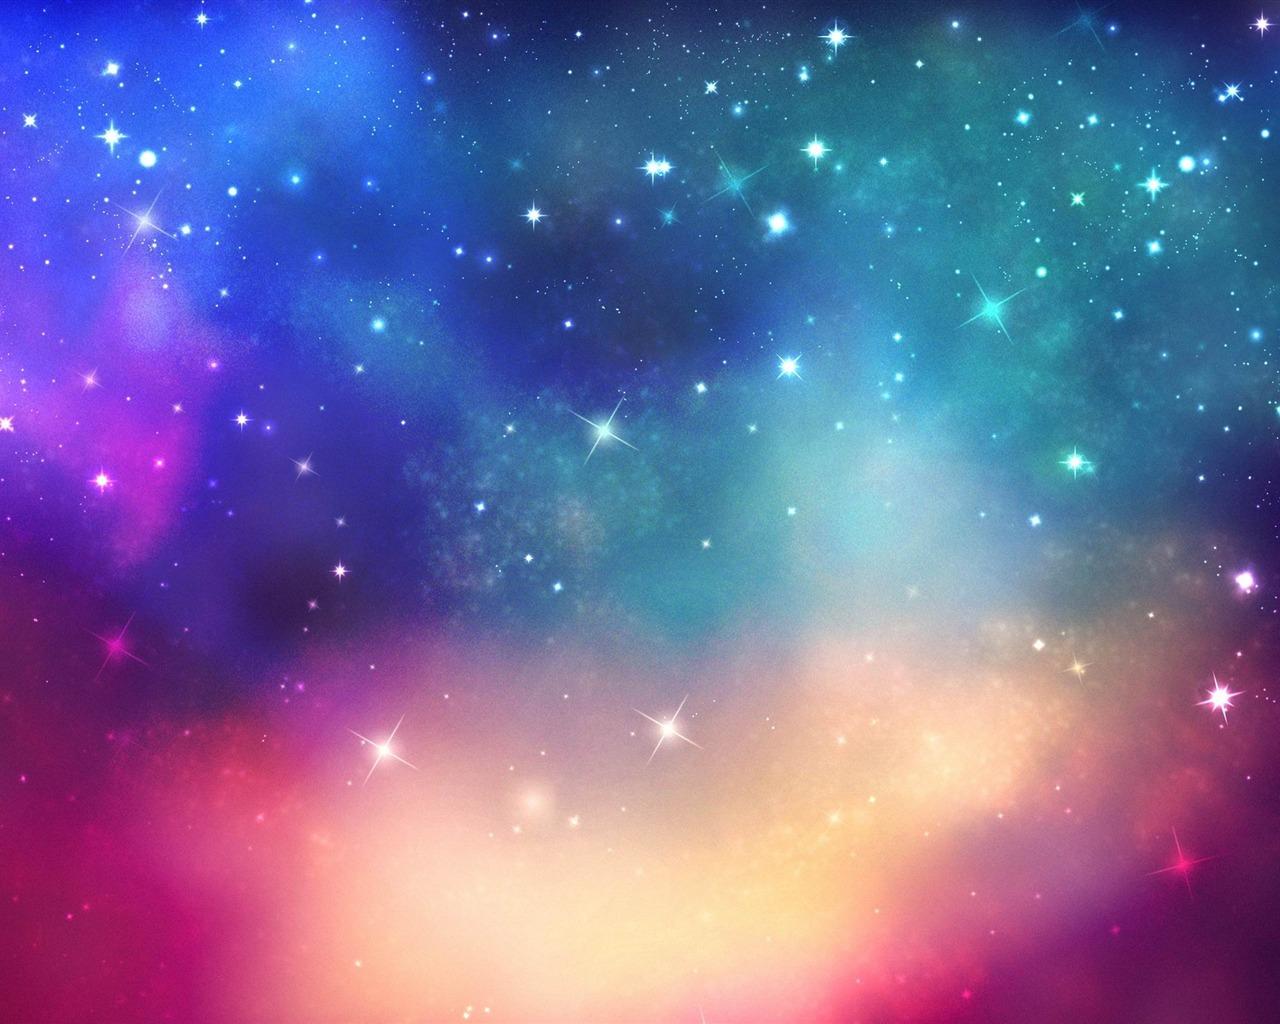 天空体育刺眼的颜色-抽象设计高清壁纸 当前壁纸尺寸: 1280 x 1024图片